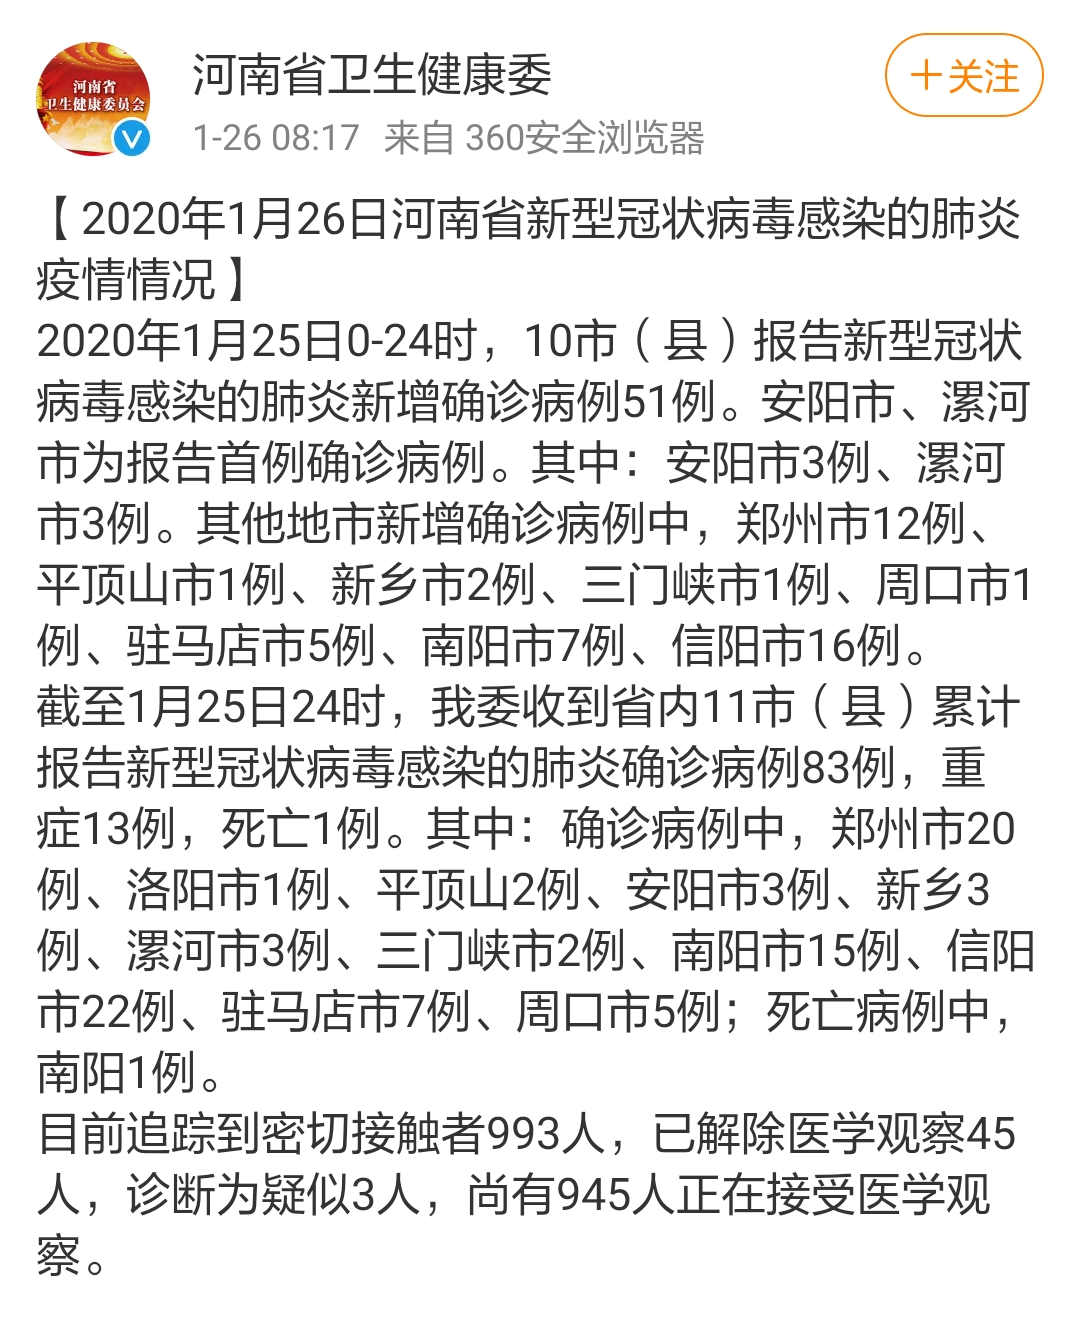 河南1月26日确诊新型肺炎病例已达83例 南阳出现省内首例死亡